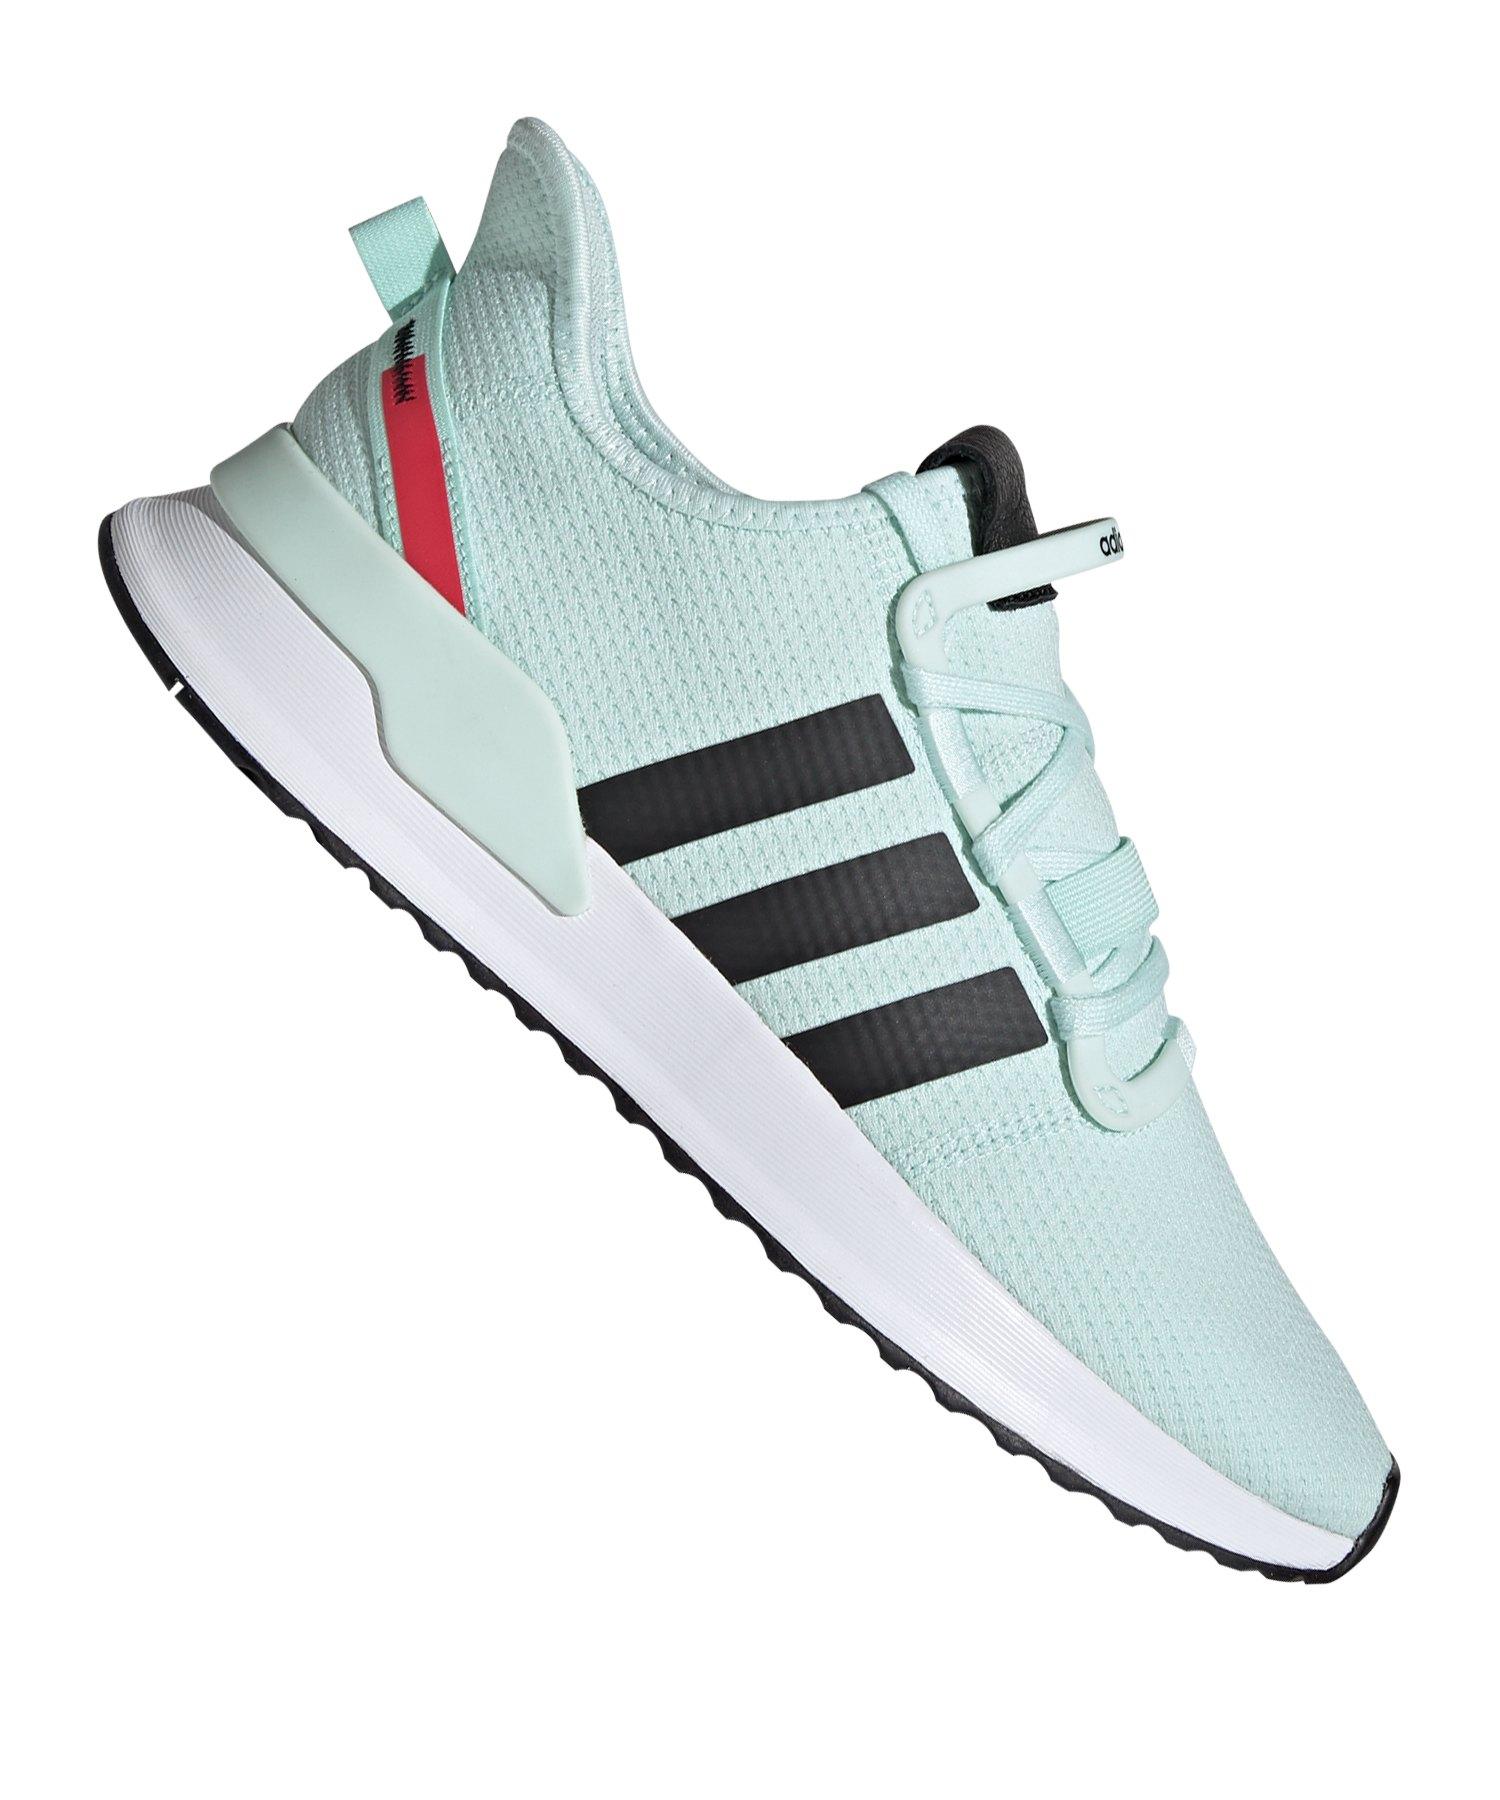 Blau Adidas Kaufen Günstig Running Rot St Herren Turnschuhe